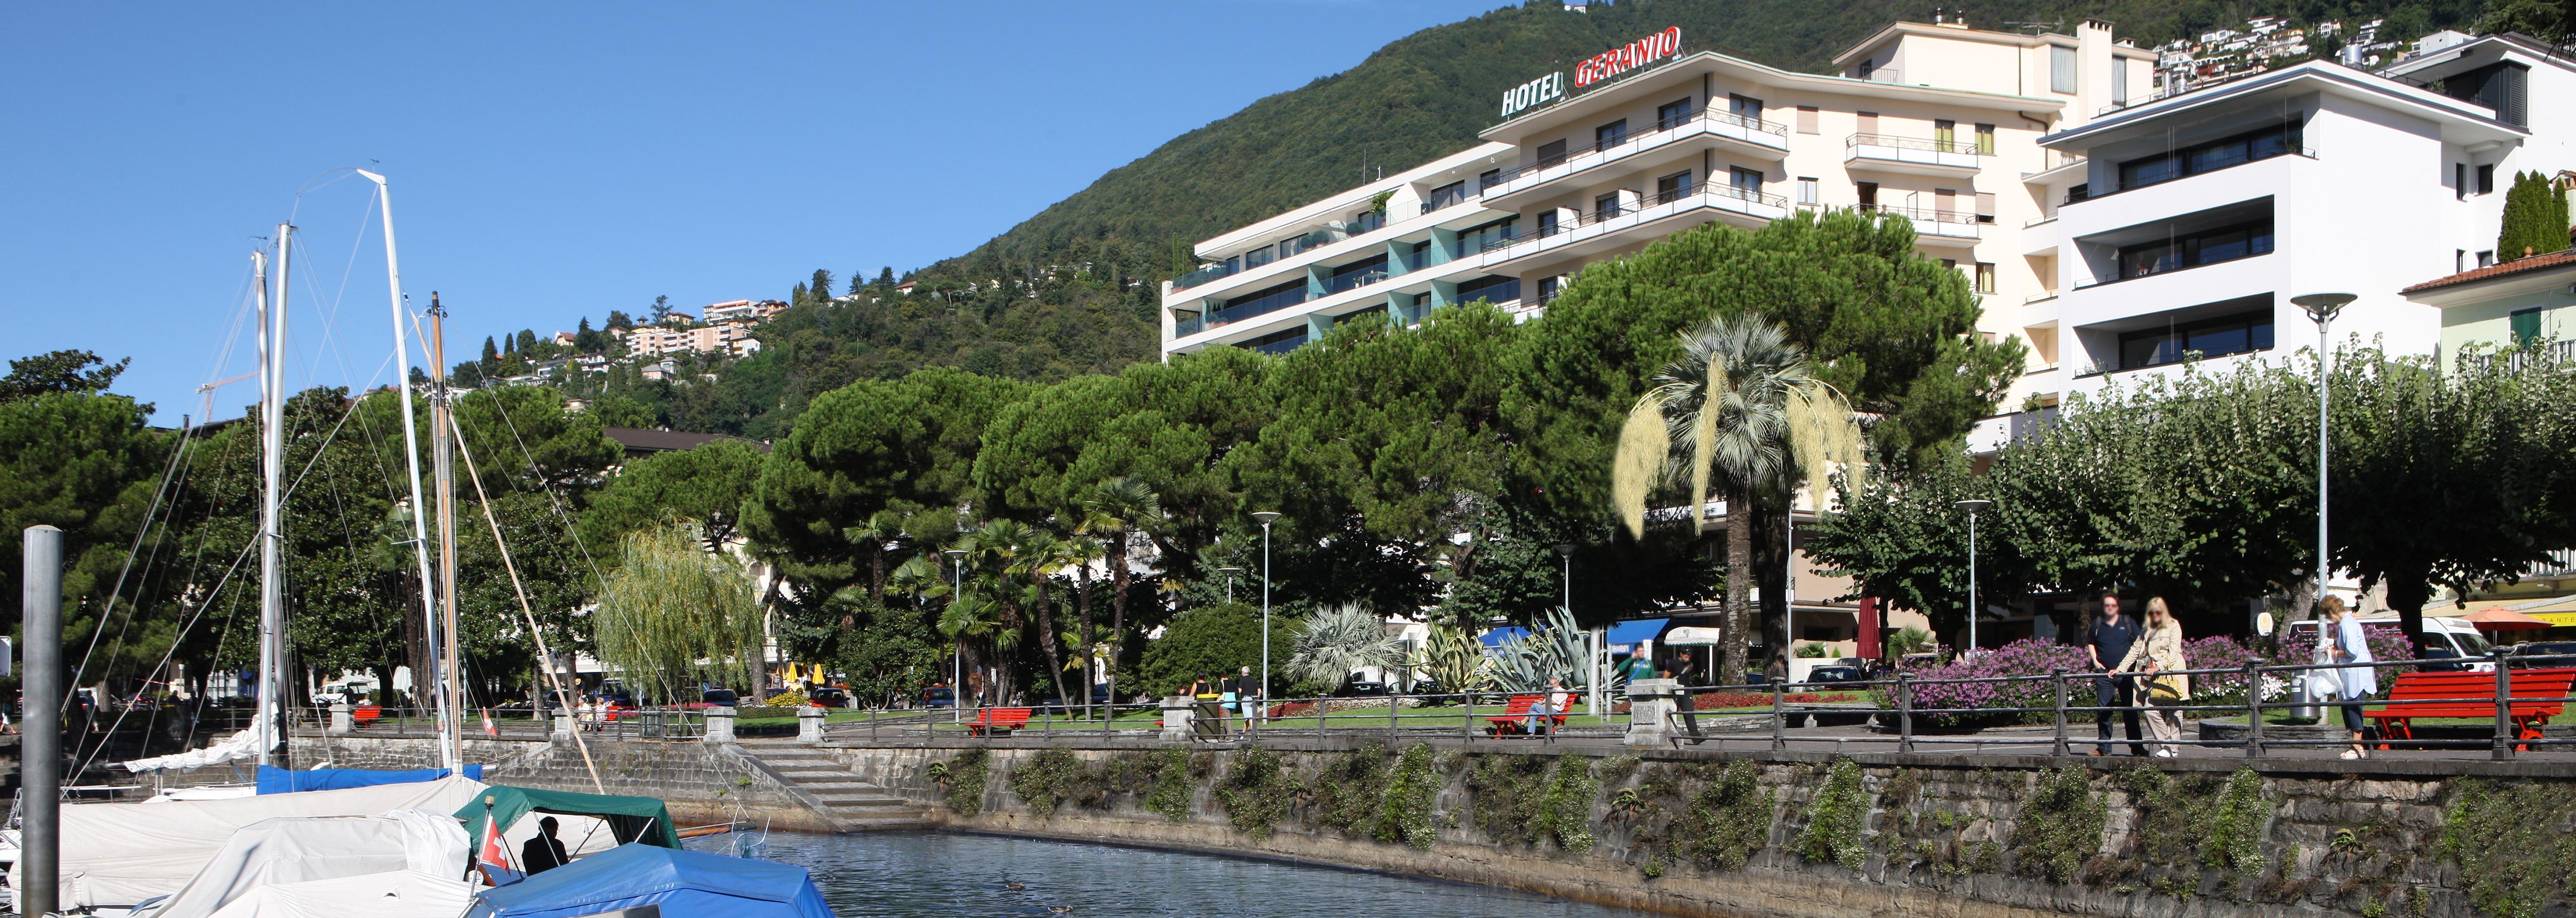 Esterno dell'Hotel Geranio au Lac, Locarno-Muralto